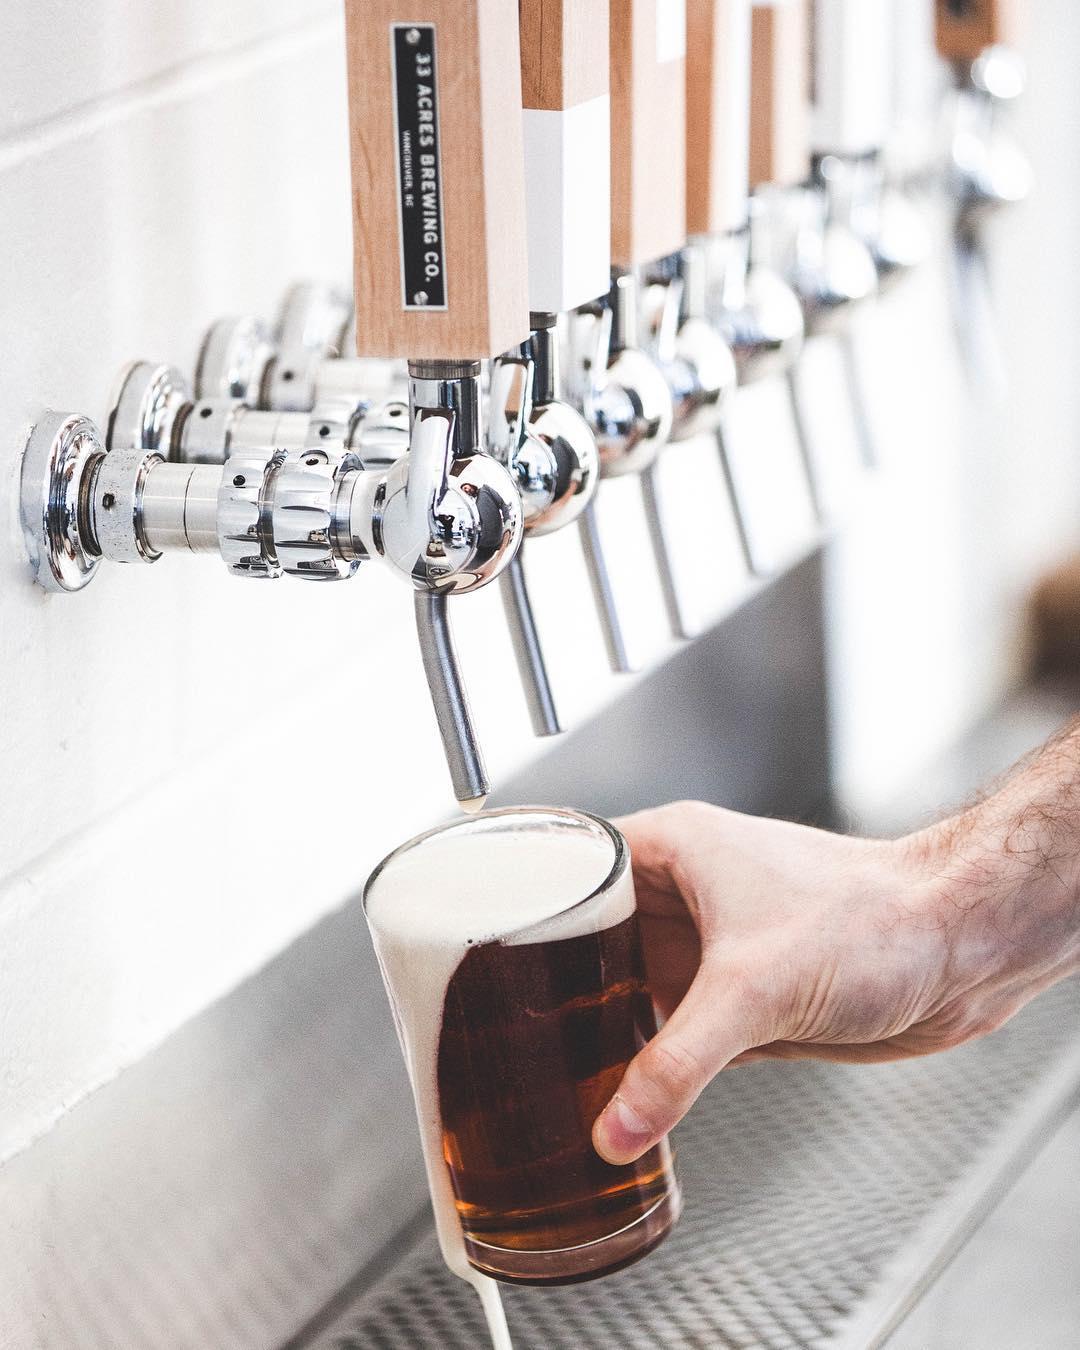 33 Acres Brewing Company